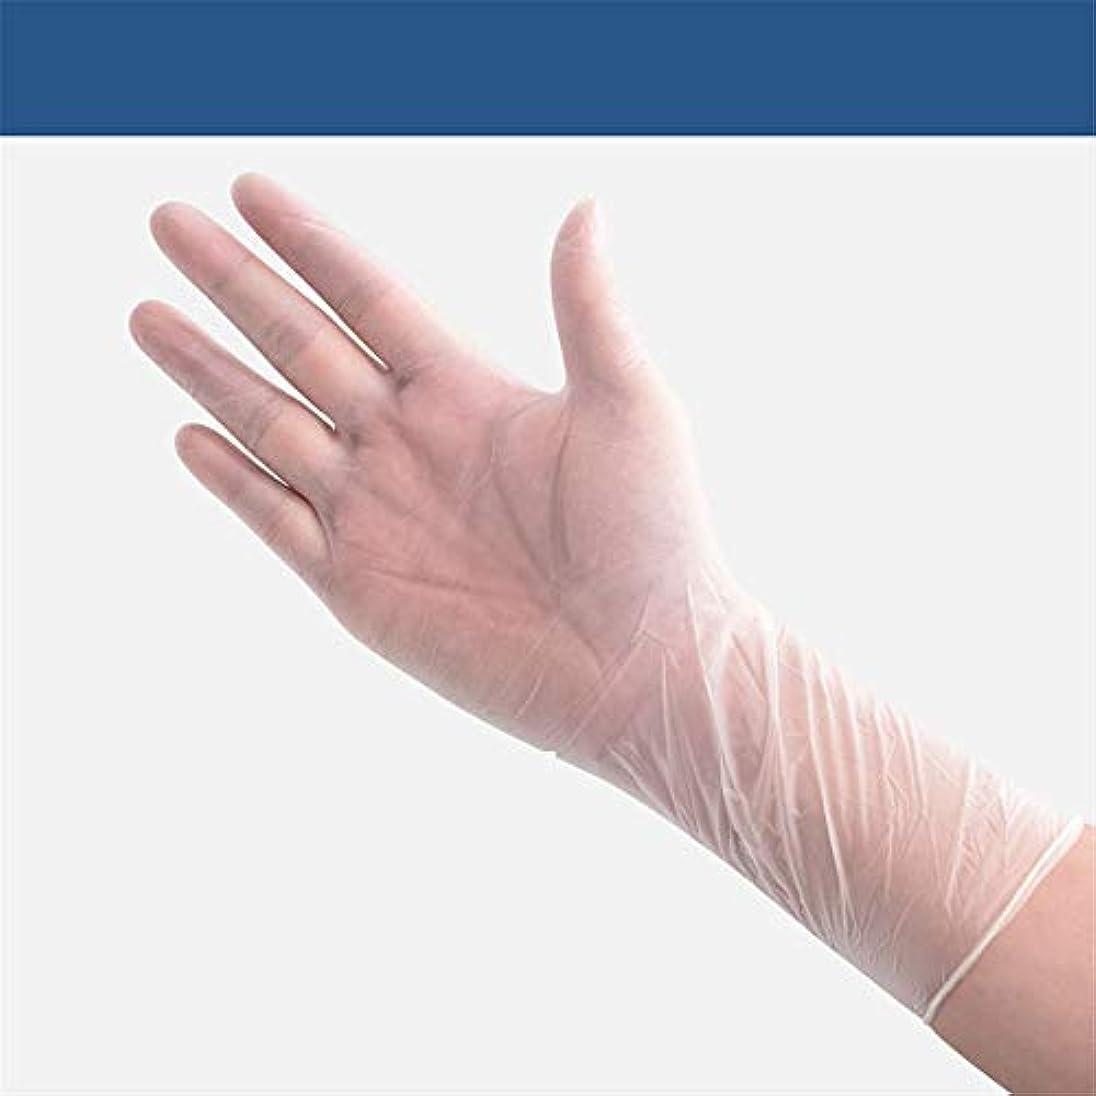 怠アルカトラズ島雷雨BTXXYJP キッチン用手袋 手袋 作業 食器洗い 炊事 掃除 園芸 洗車 防水 手袋 (100 Packs) (Color : Pvc 100pcs, Size : M)